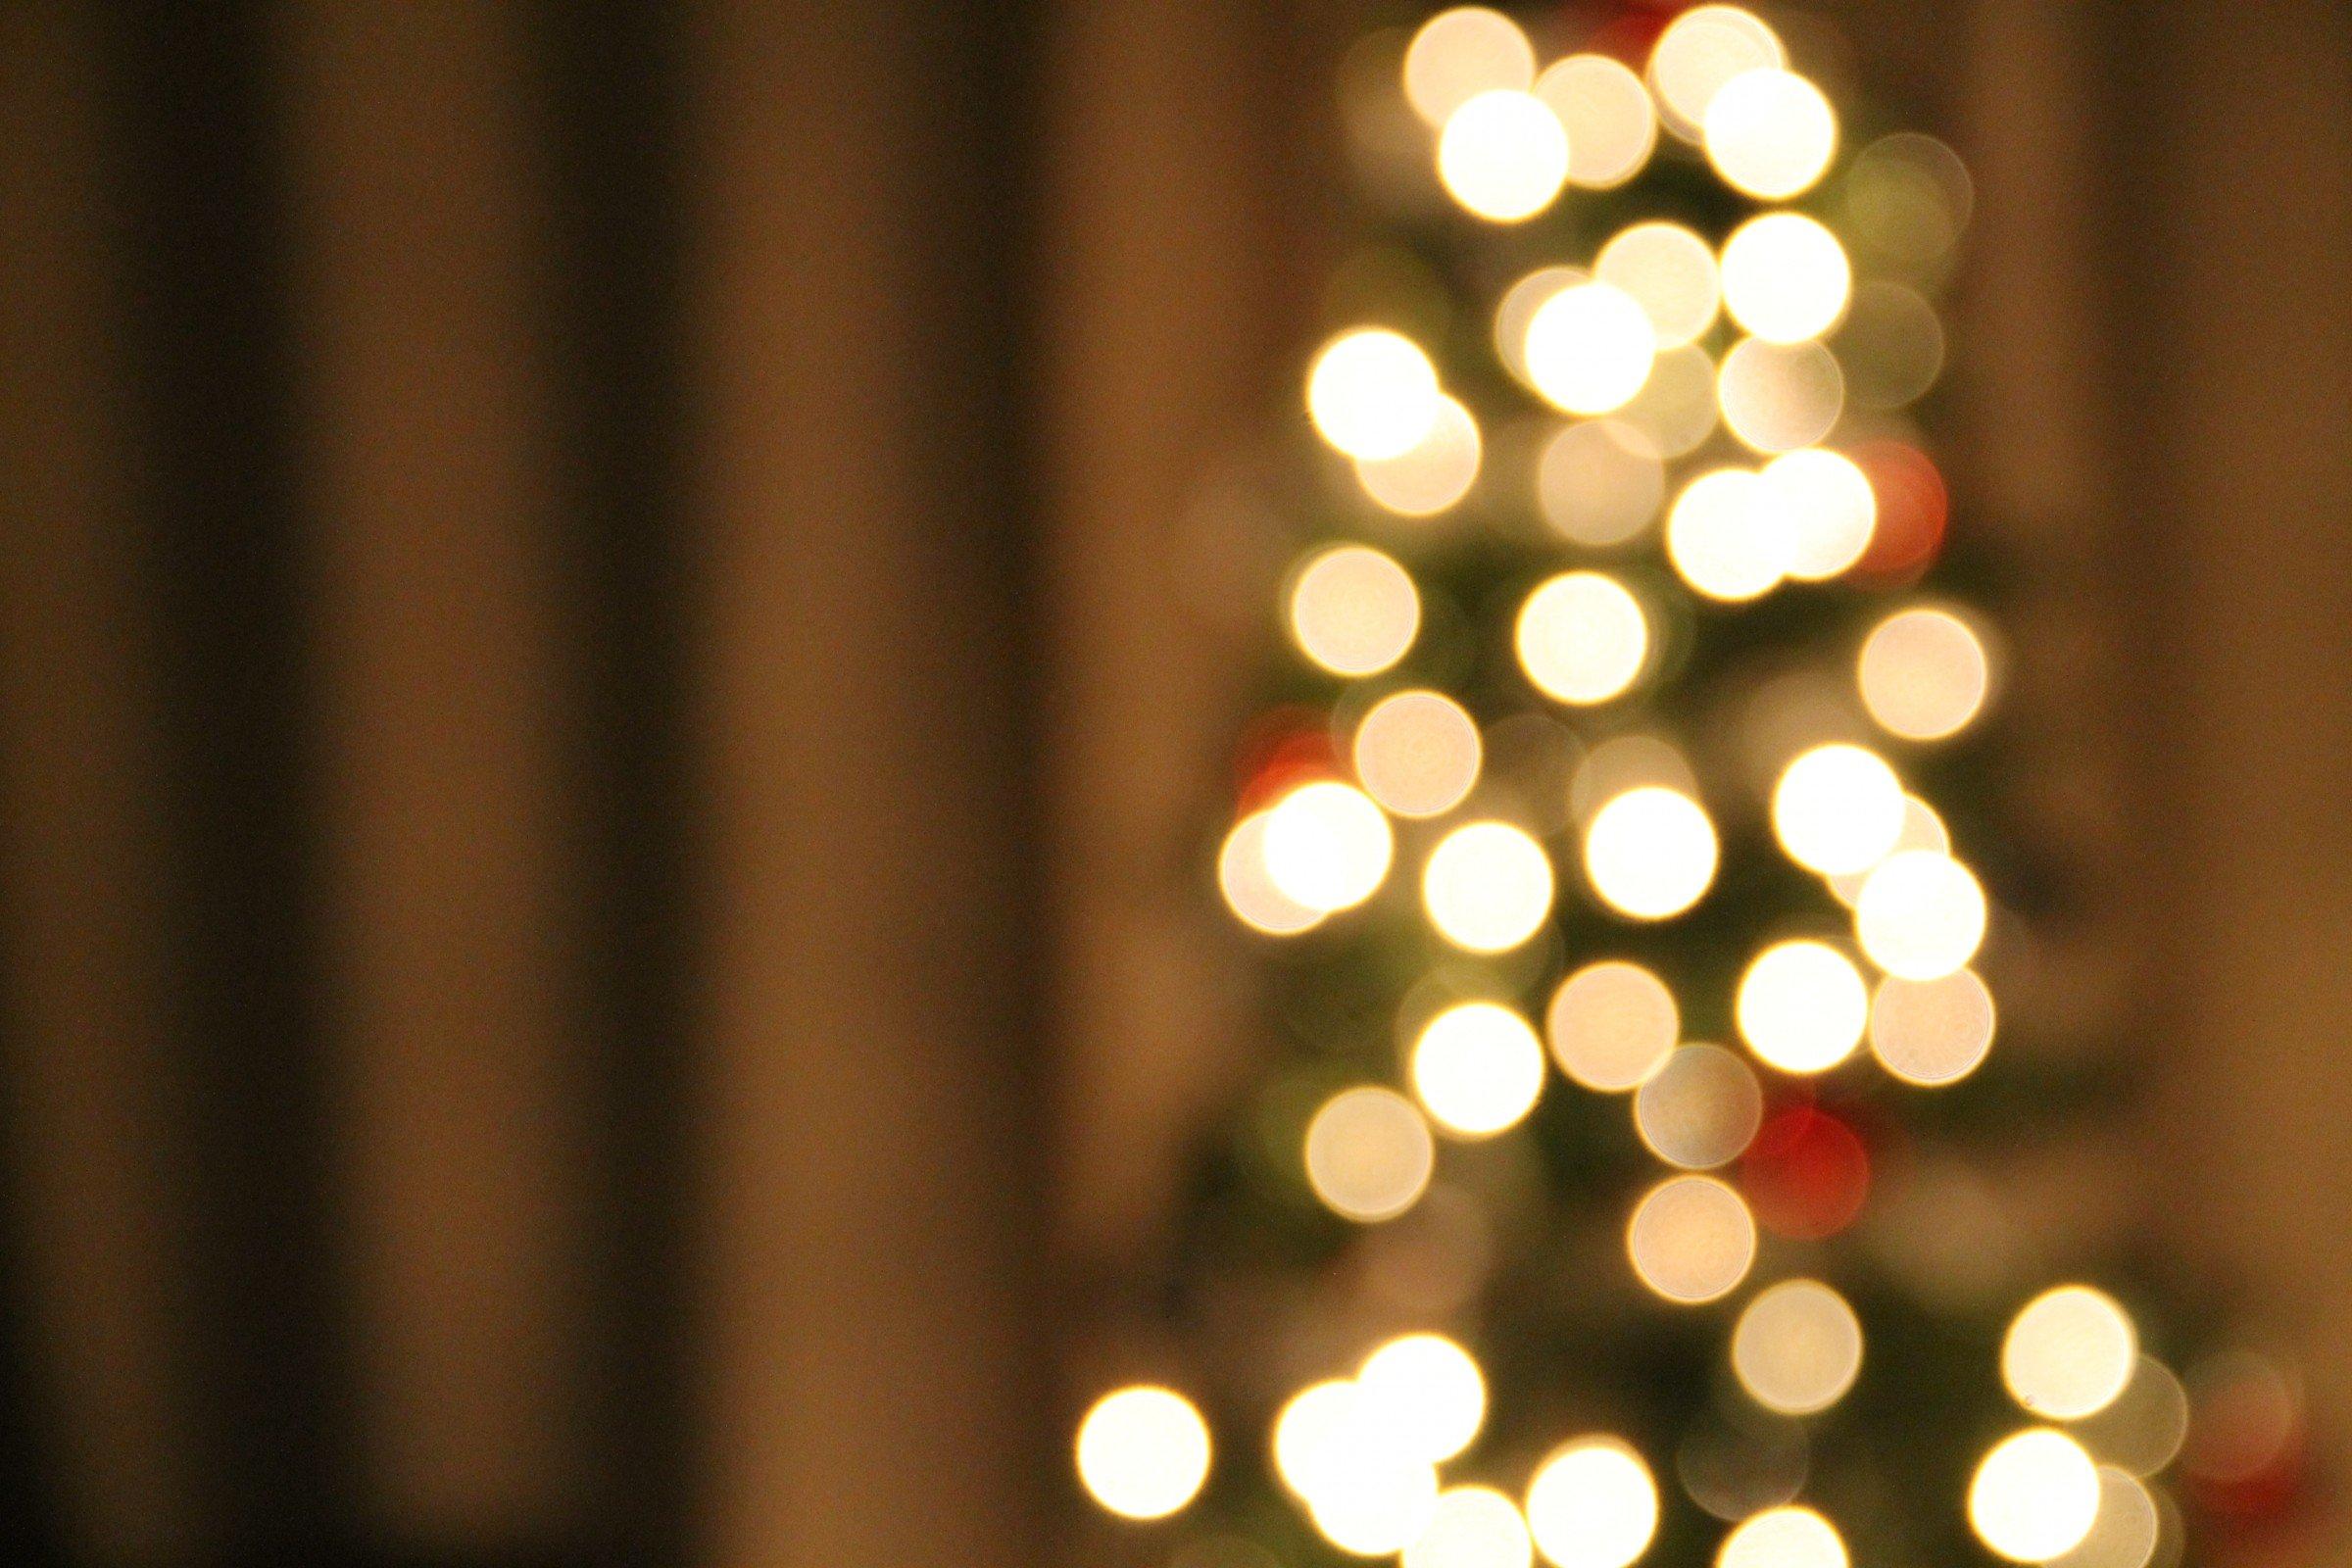 christmas tree lights bokeh